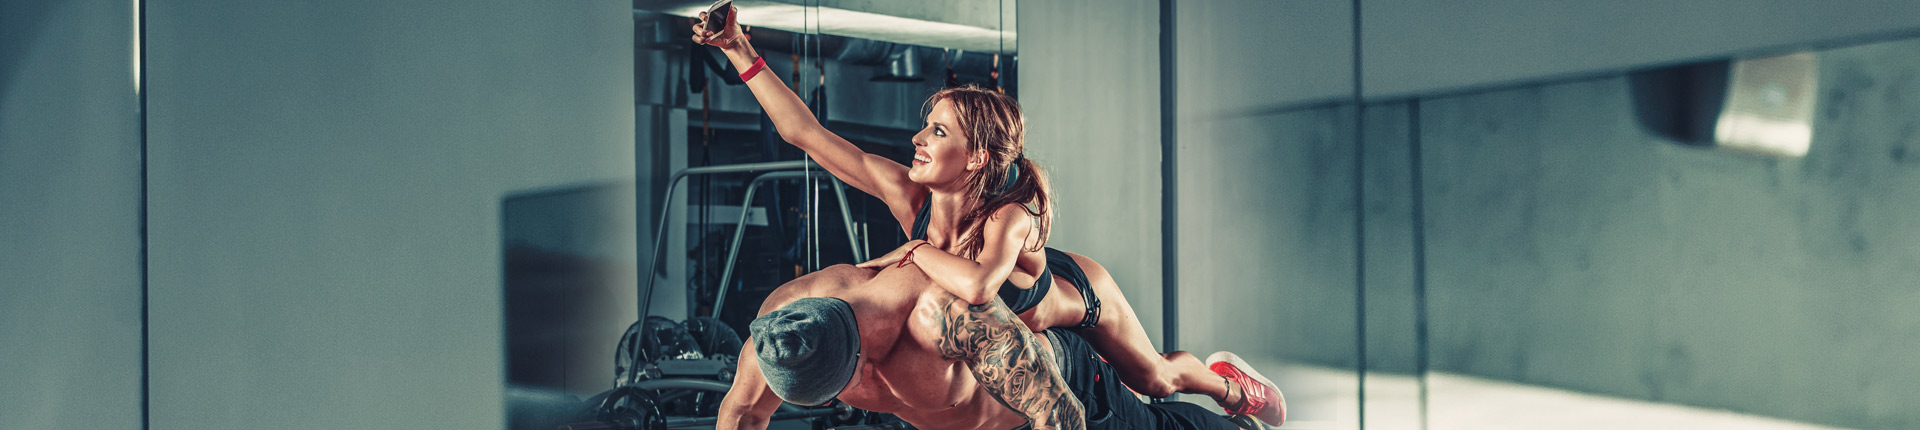 Najbardziej denerwujący ludzie na siłowni